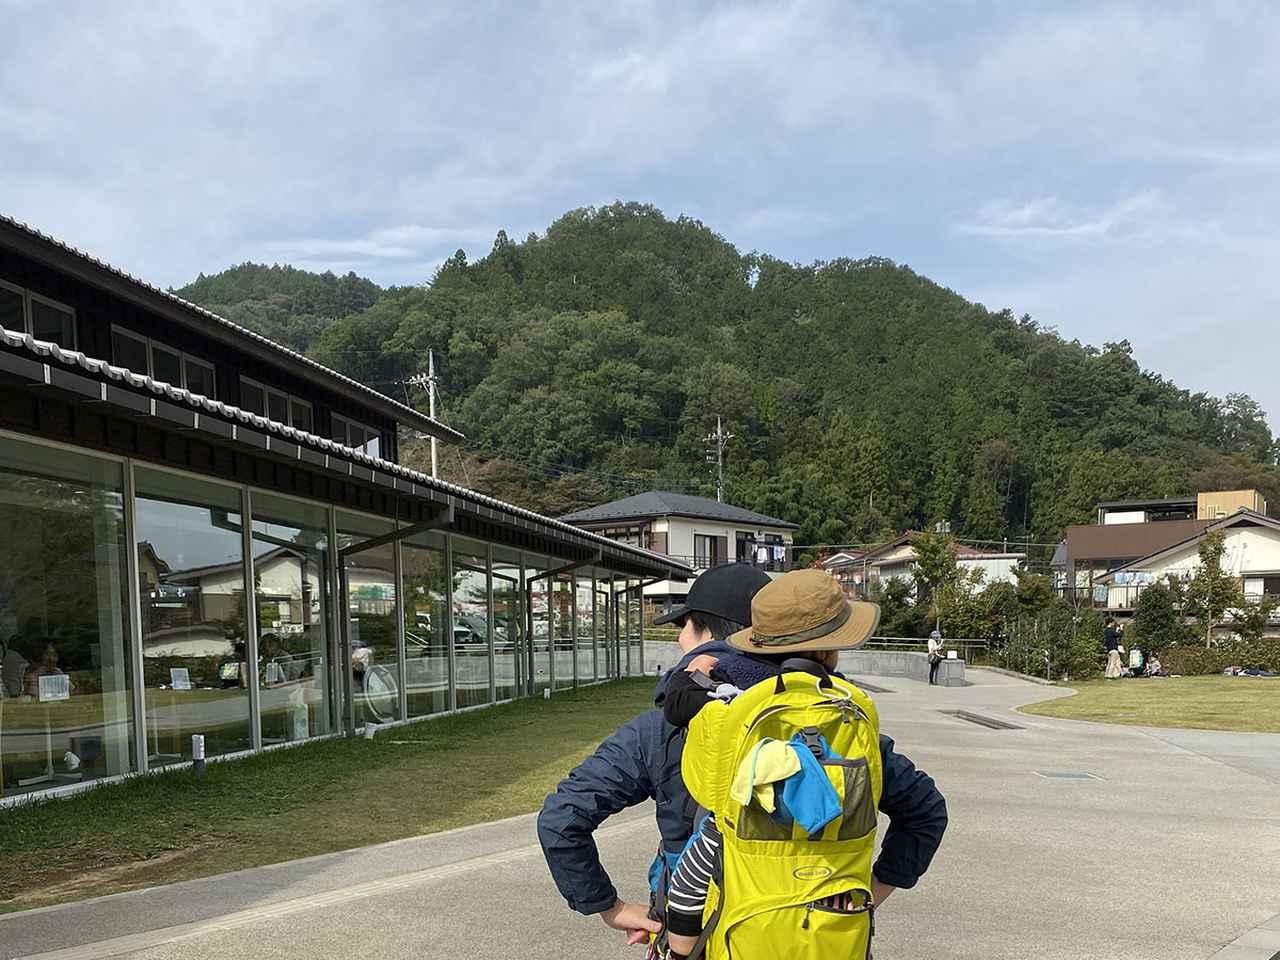 画像: 筆者撮影 TAKAO 599 MUSEUM前にて(筆者と1歳の息子)